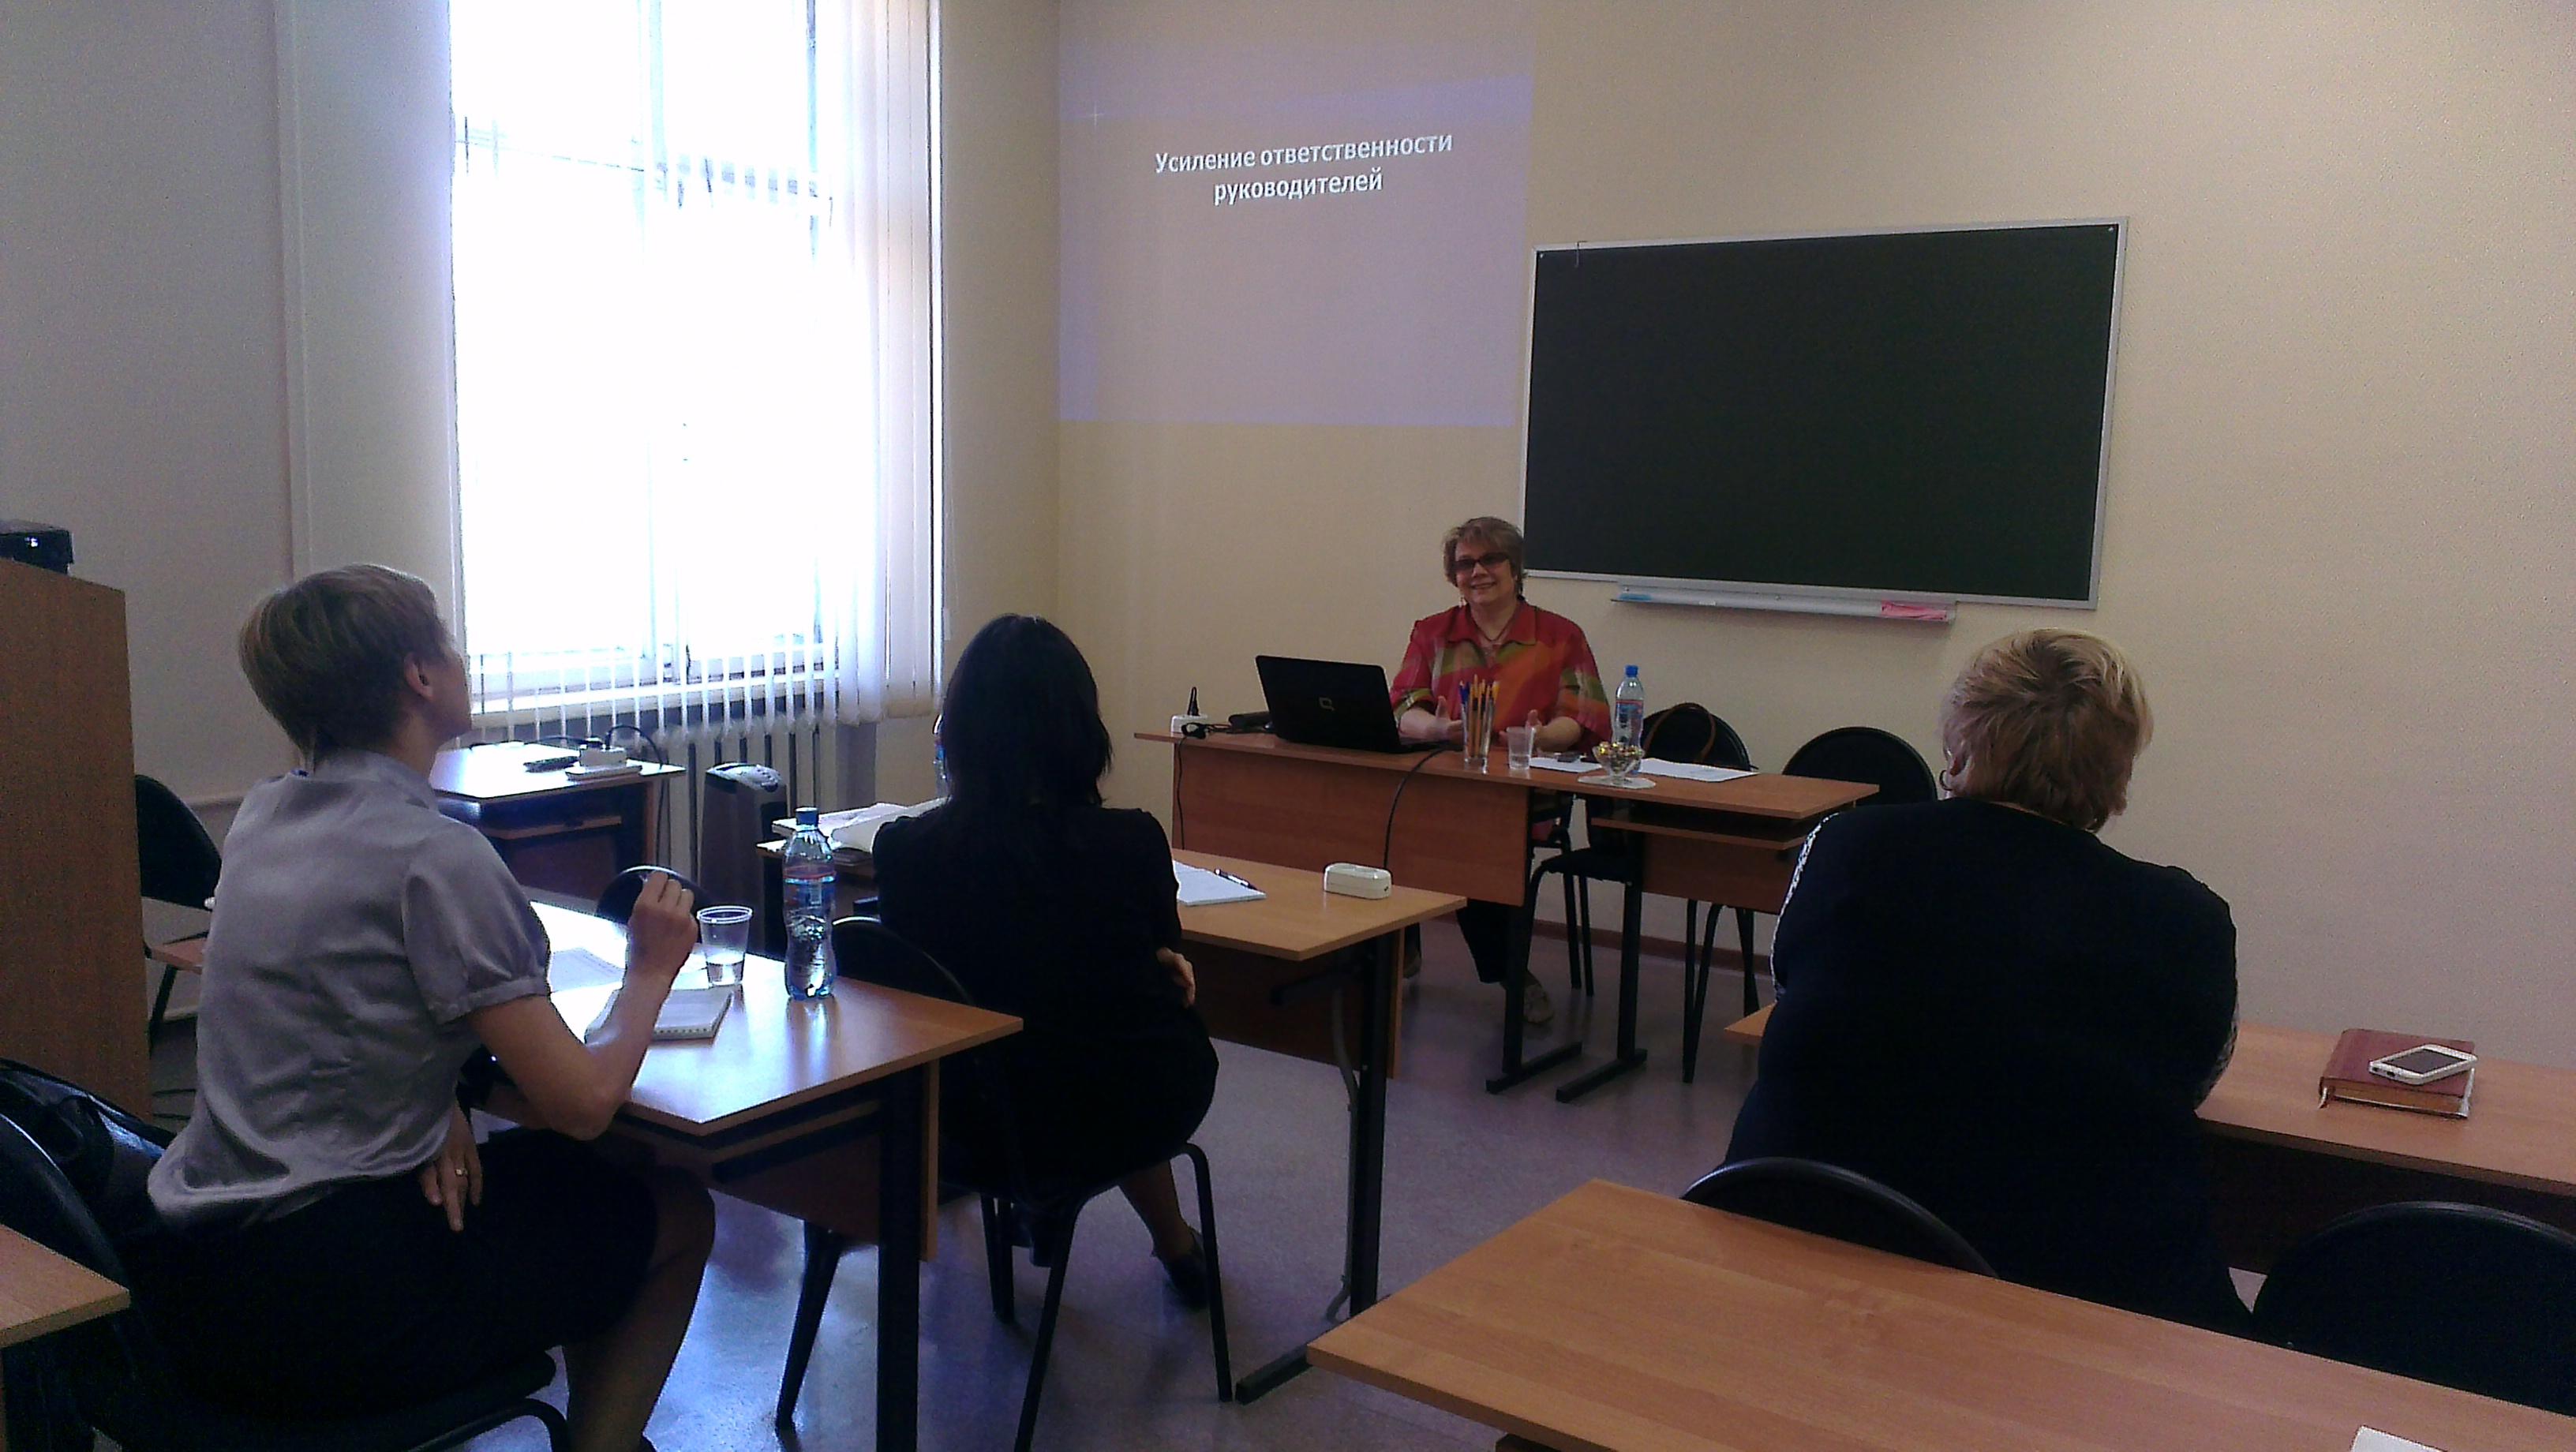 Семинар Храмцовской Натальи в Центре профессионального образования ДИТАД